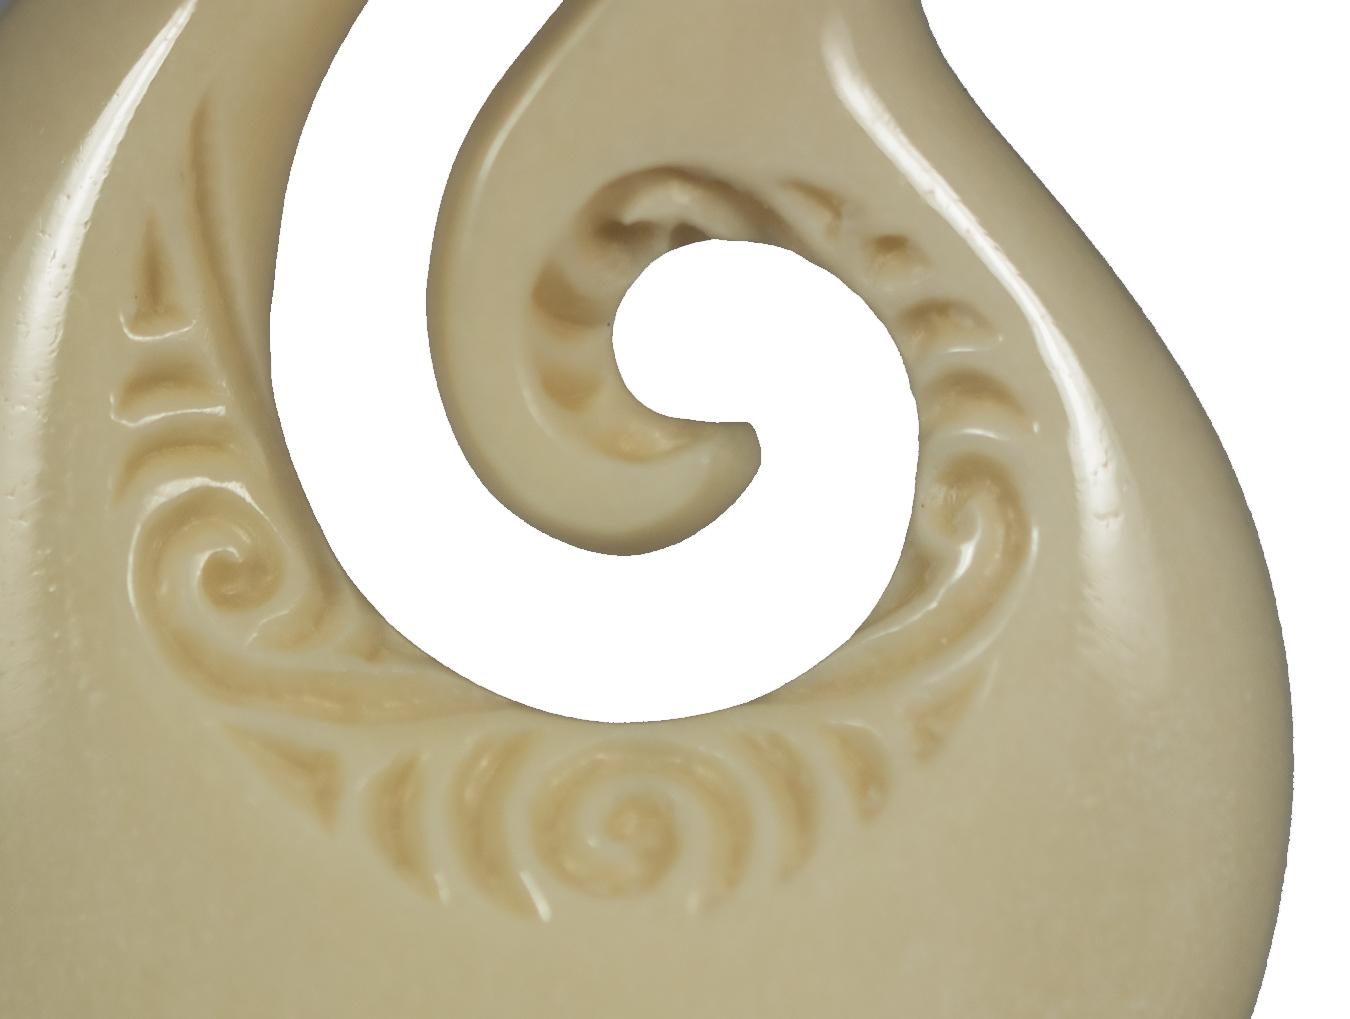 Manaia Hook 3 close up.jpg